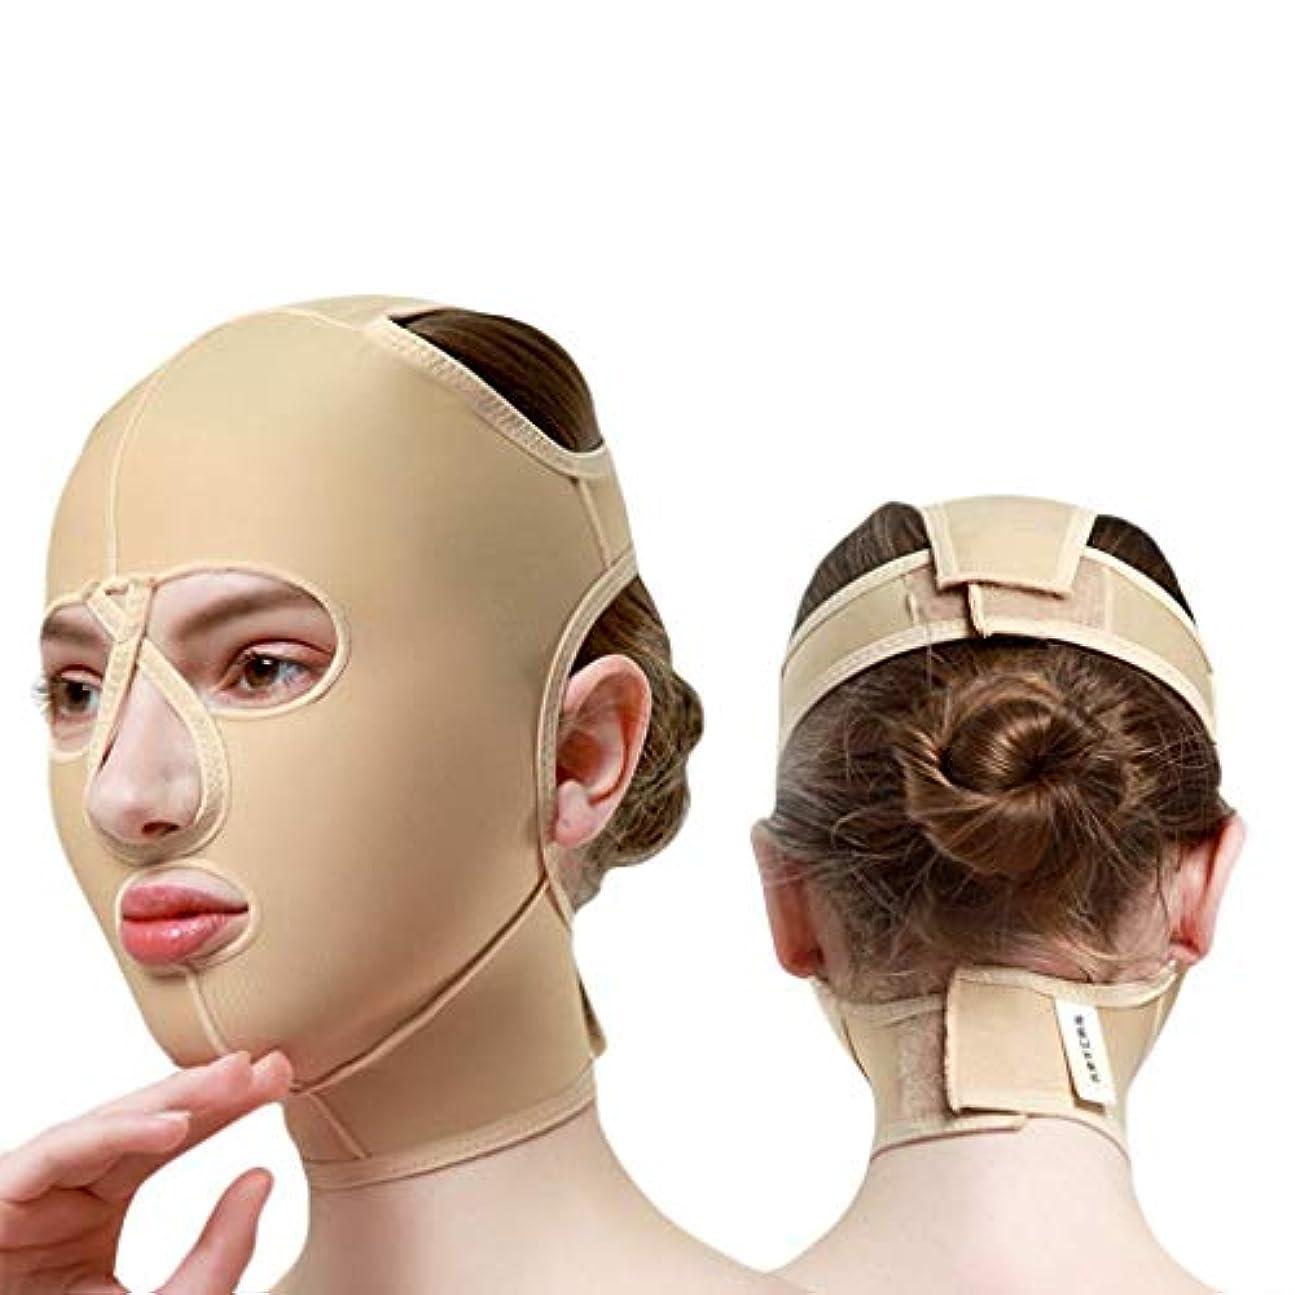 取り組むインポート食事チンストラップ、顔彫りツール、リフティングマスク、ダブルチンリデューサー、フェイスリフティングエラスティックマスクメス(サイズ:M),L